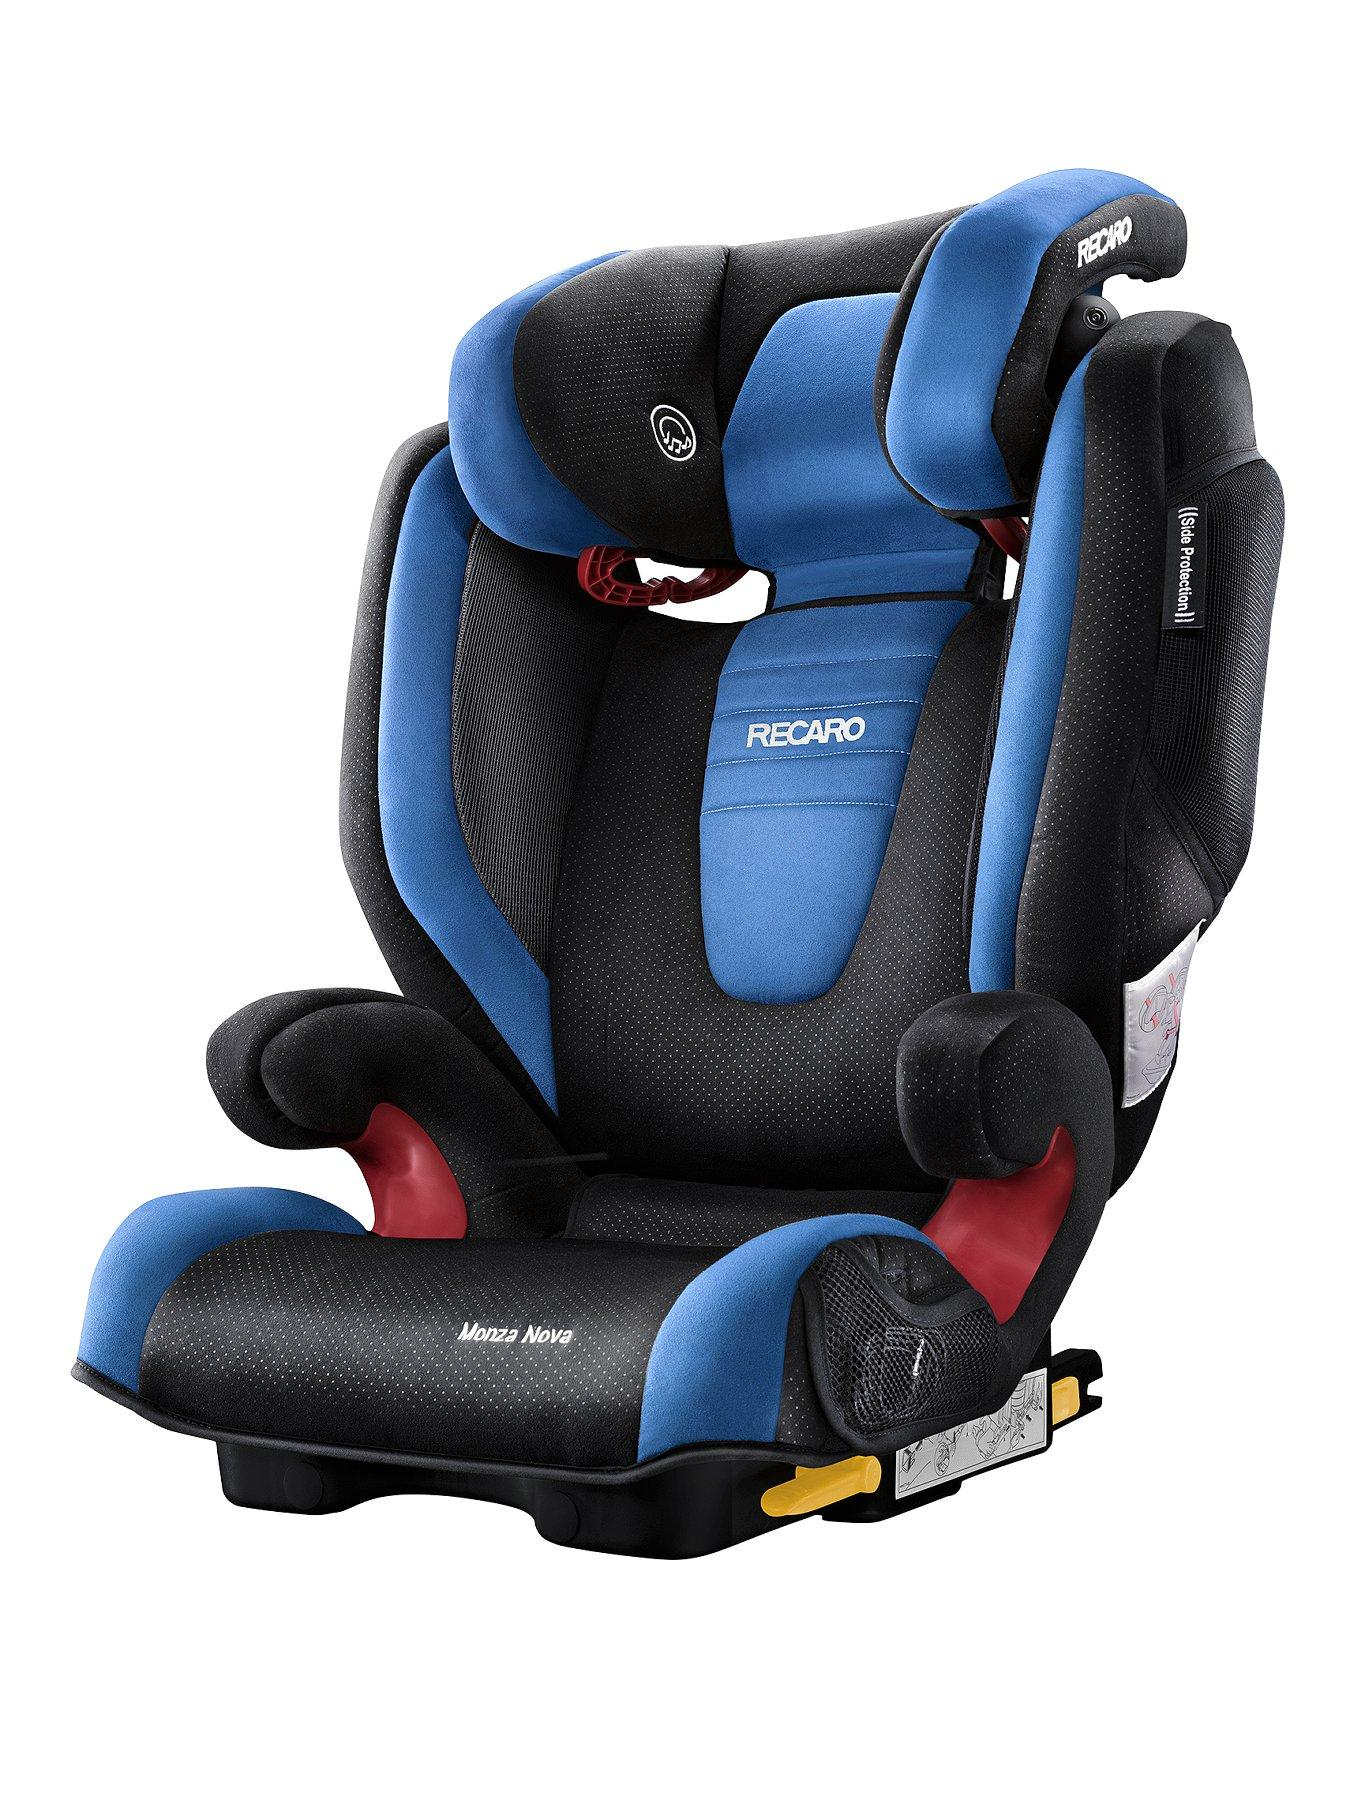 Recaro Monza Nova 2 Seatfix Group 2-3 Car Seat - Sapphire